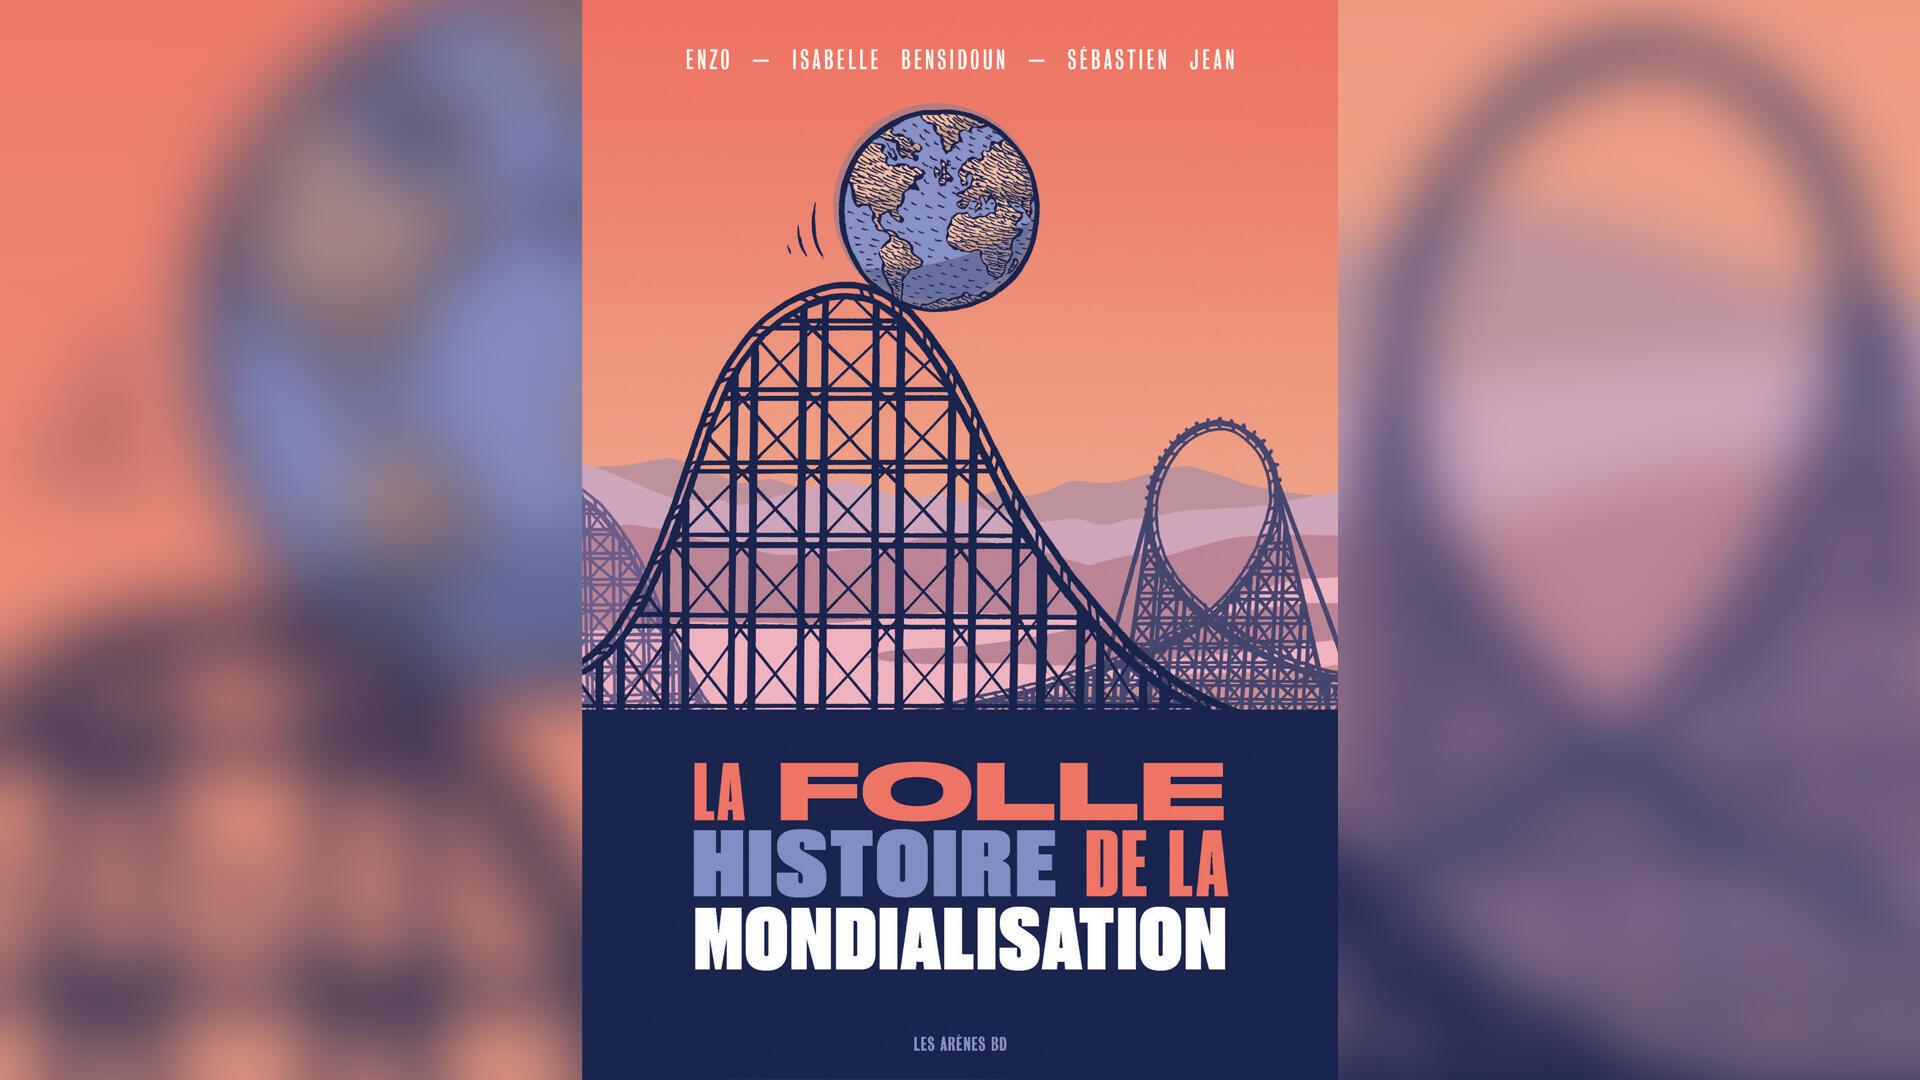 Couverture - La folle histoire de la mondialisation - bande dessinée - Eco d'ici éco d'ailleurs